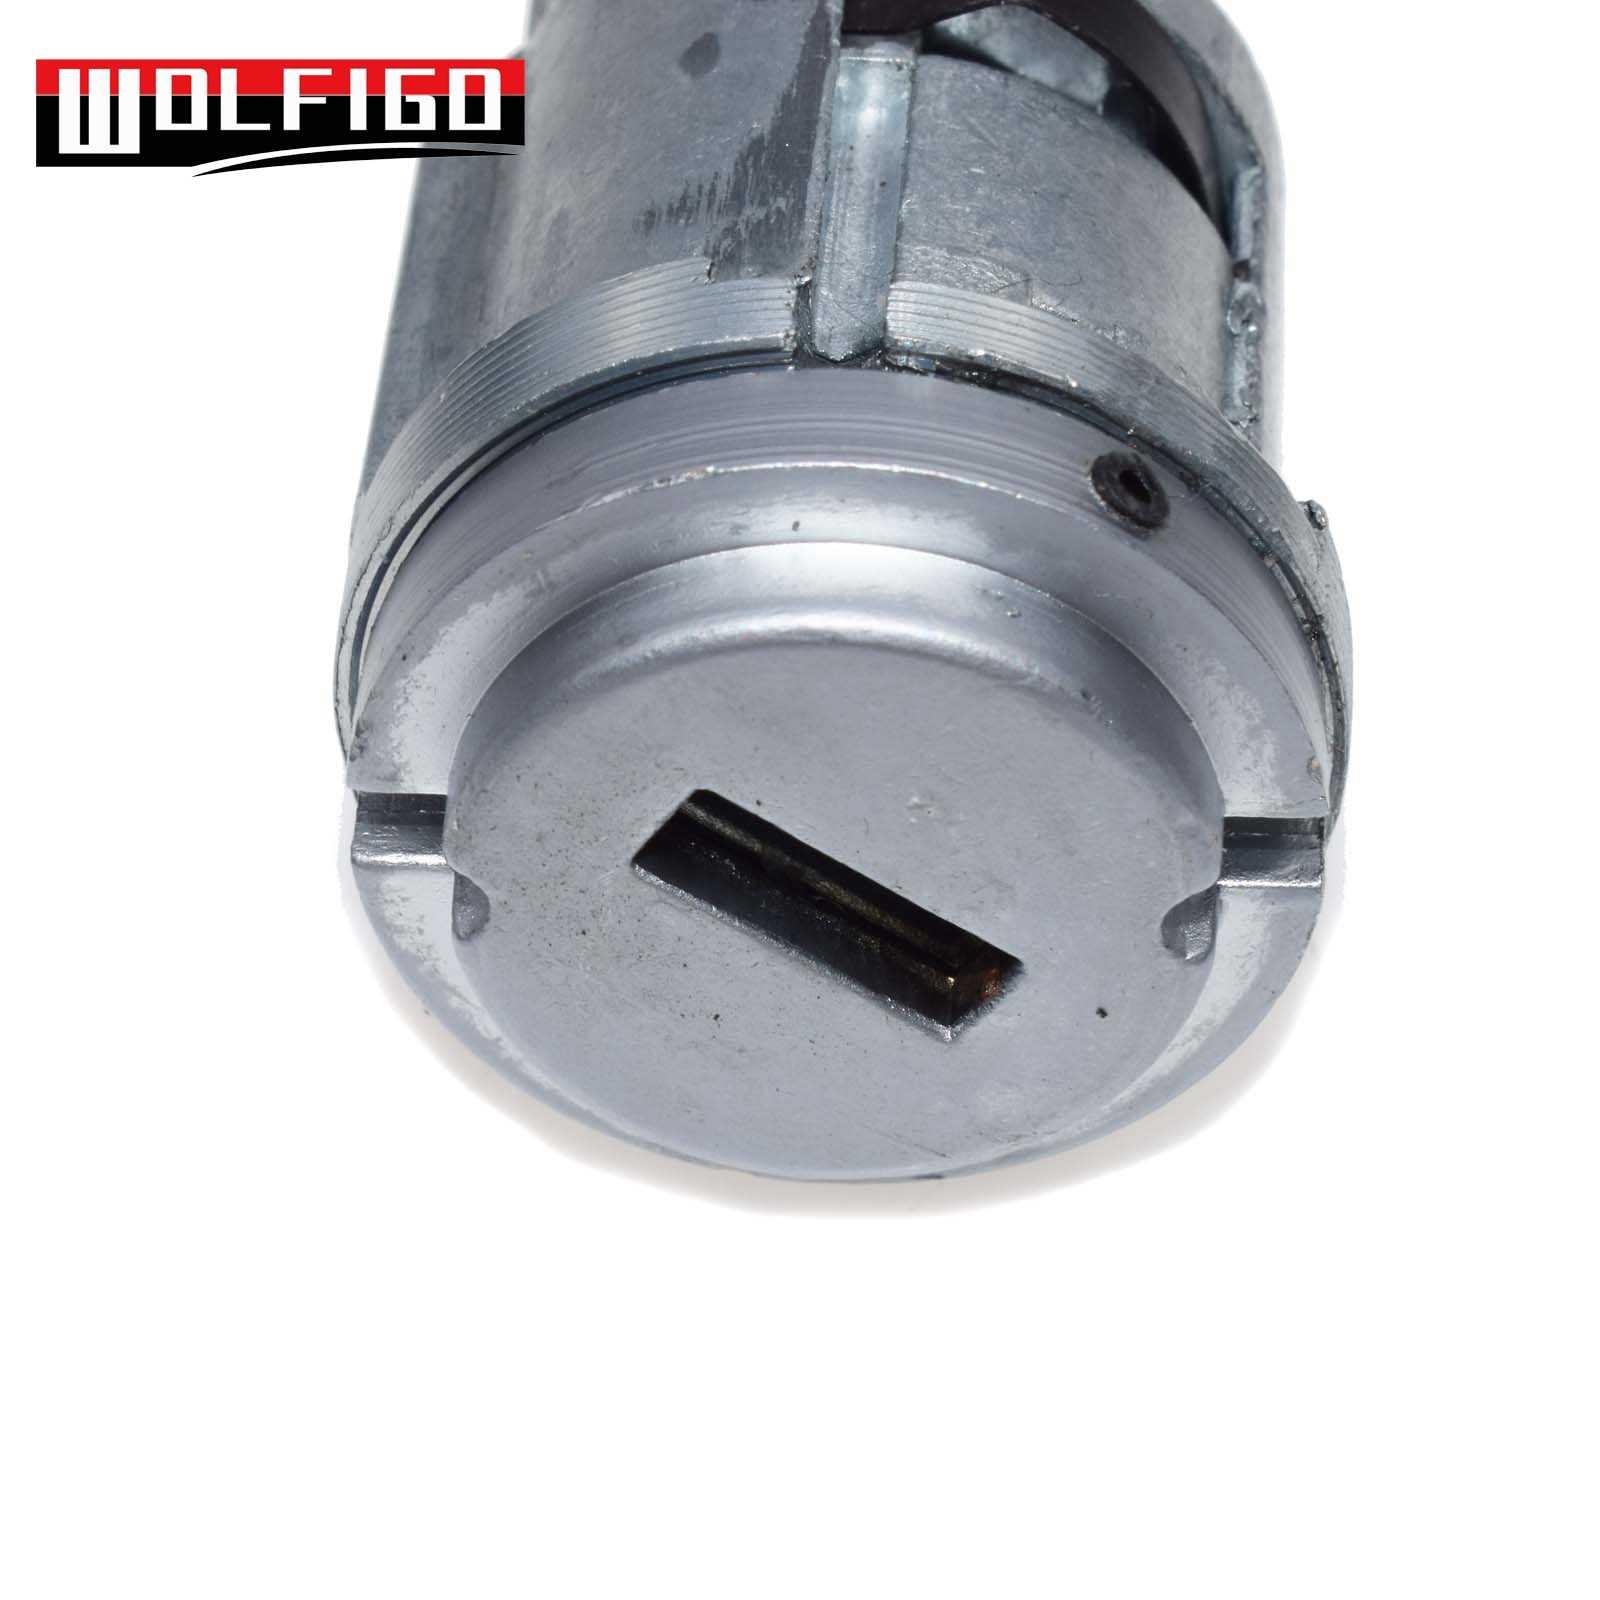 WOLFIGO New Ignition Lock Cylinder Switch W/ 2 Keys For Mercedes W124 W126  A1264600604,1264600604